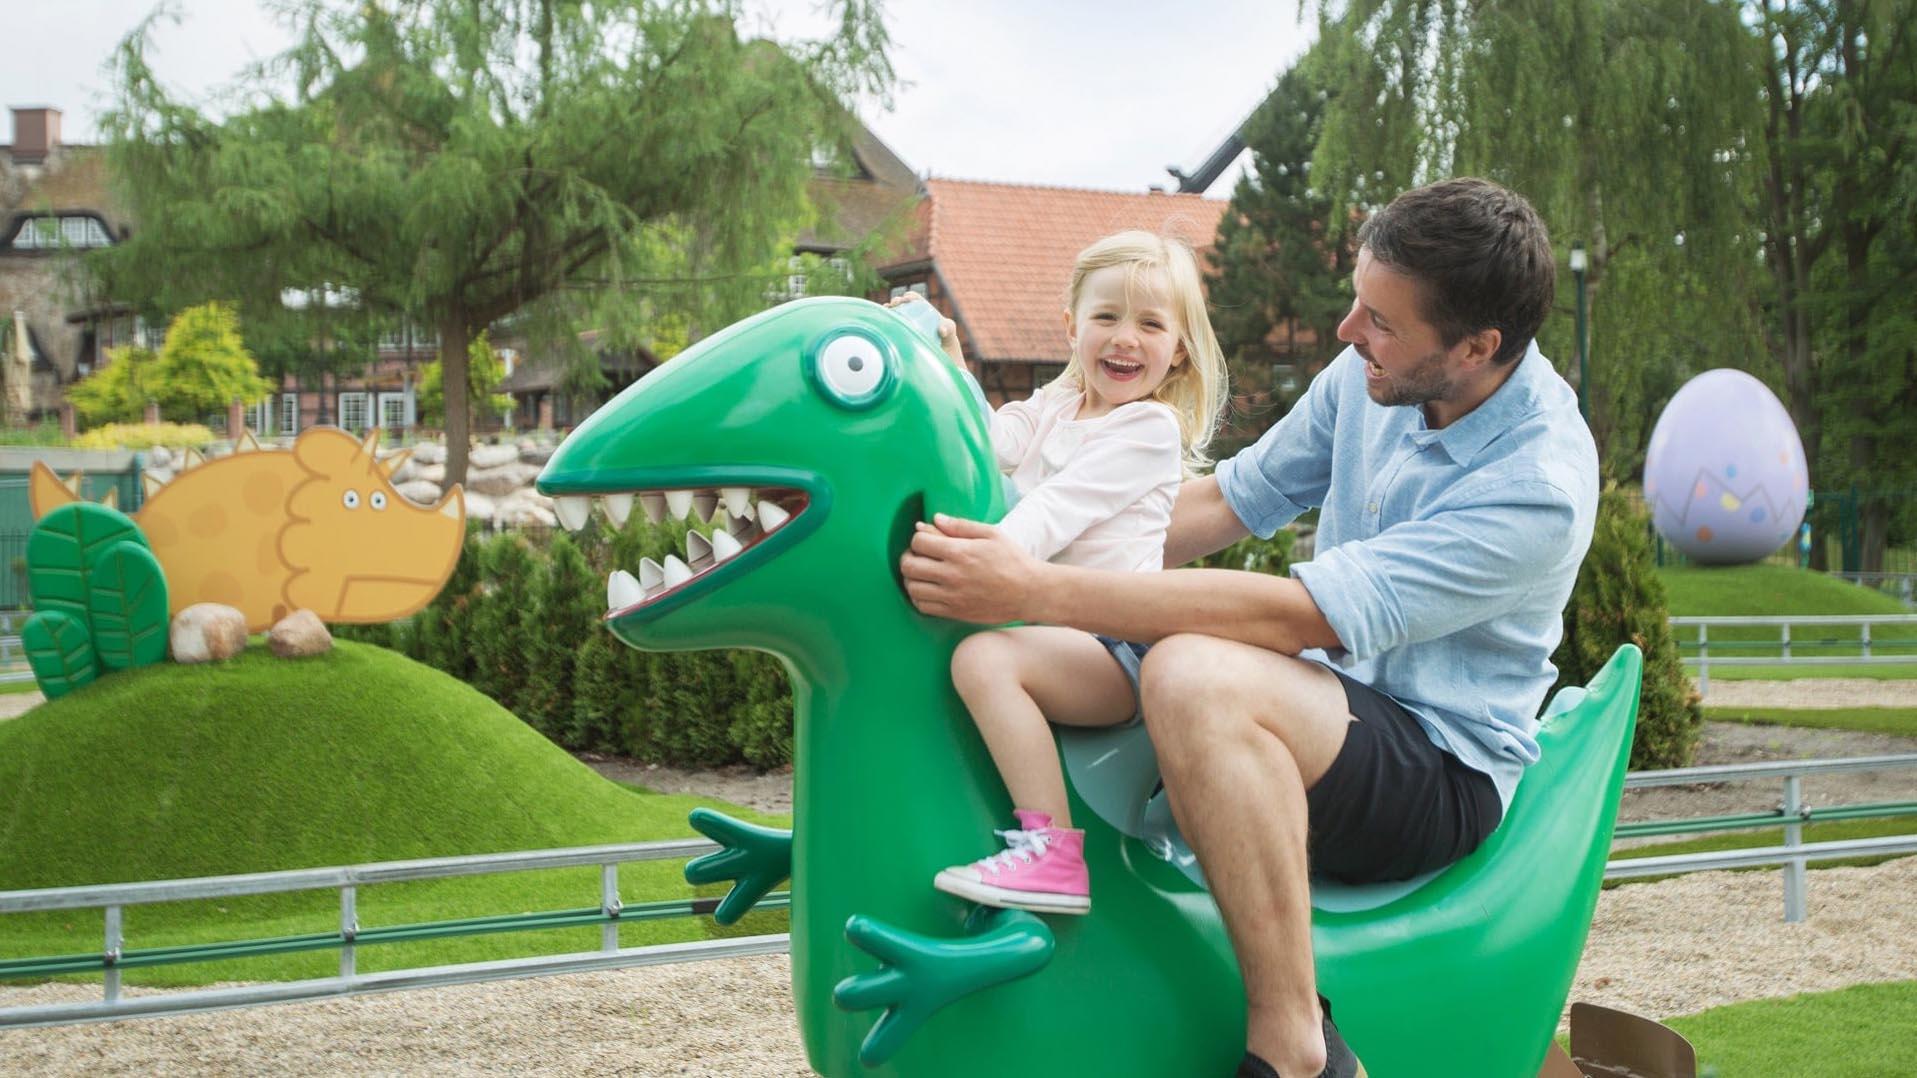 heide-park-resort-schorschs-dinoabenteuer